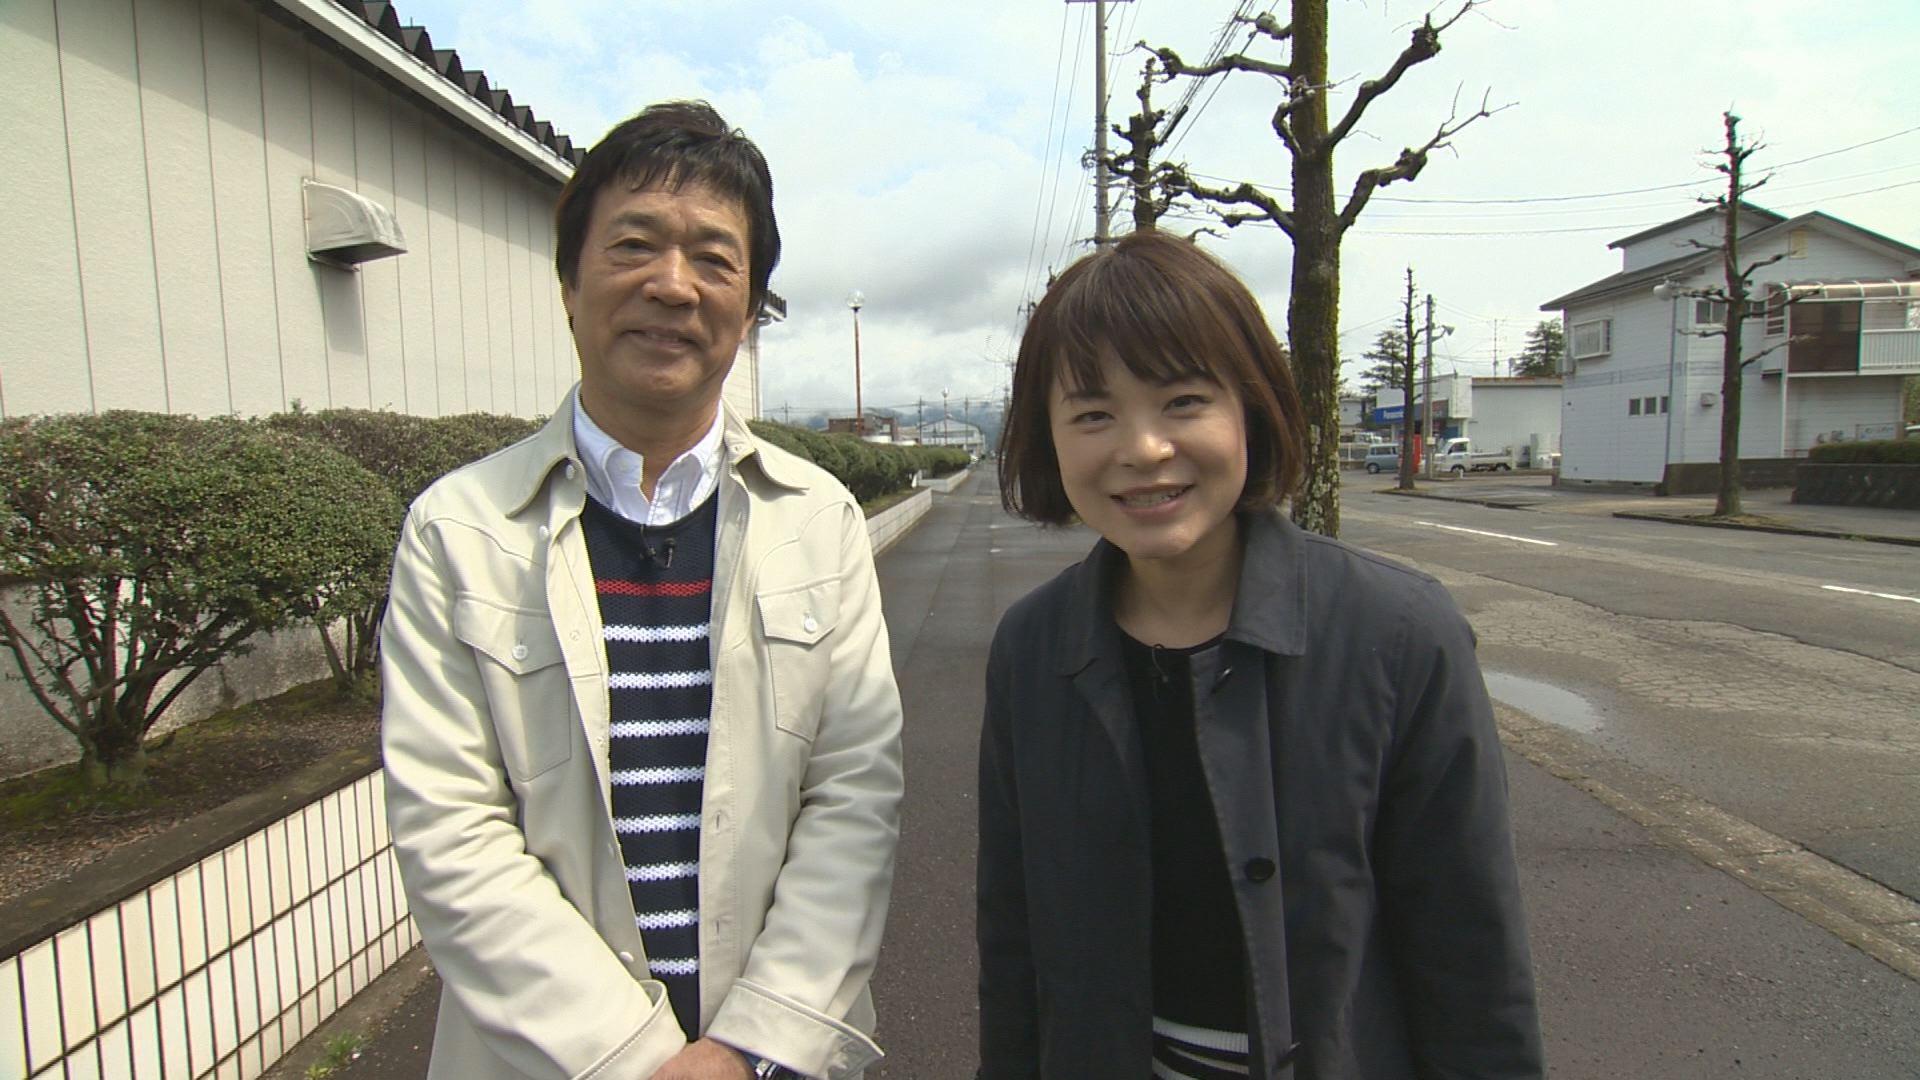 【新番組】黒沢博の・・・ありがとな~これからもよろしくな~